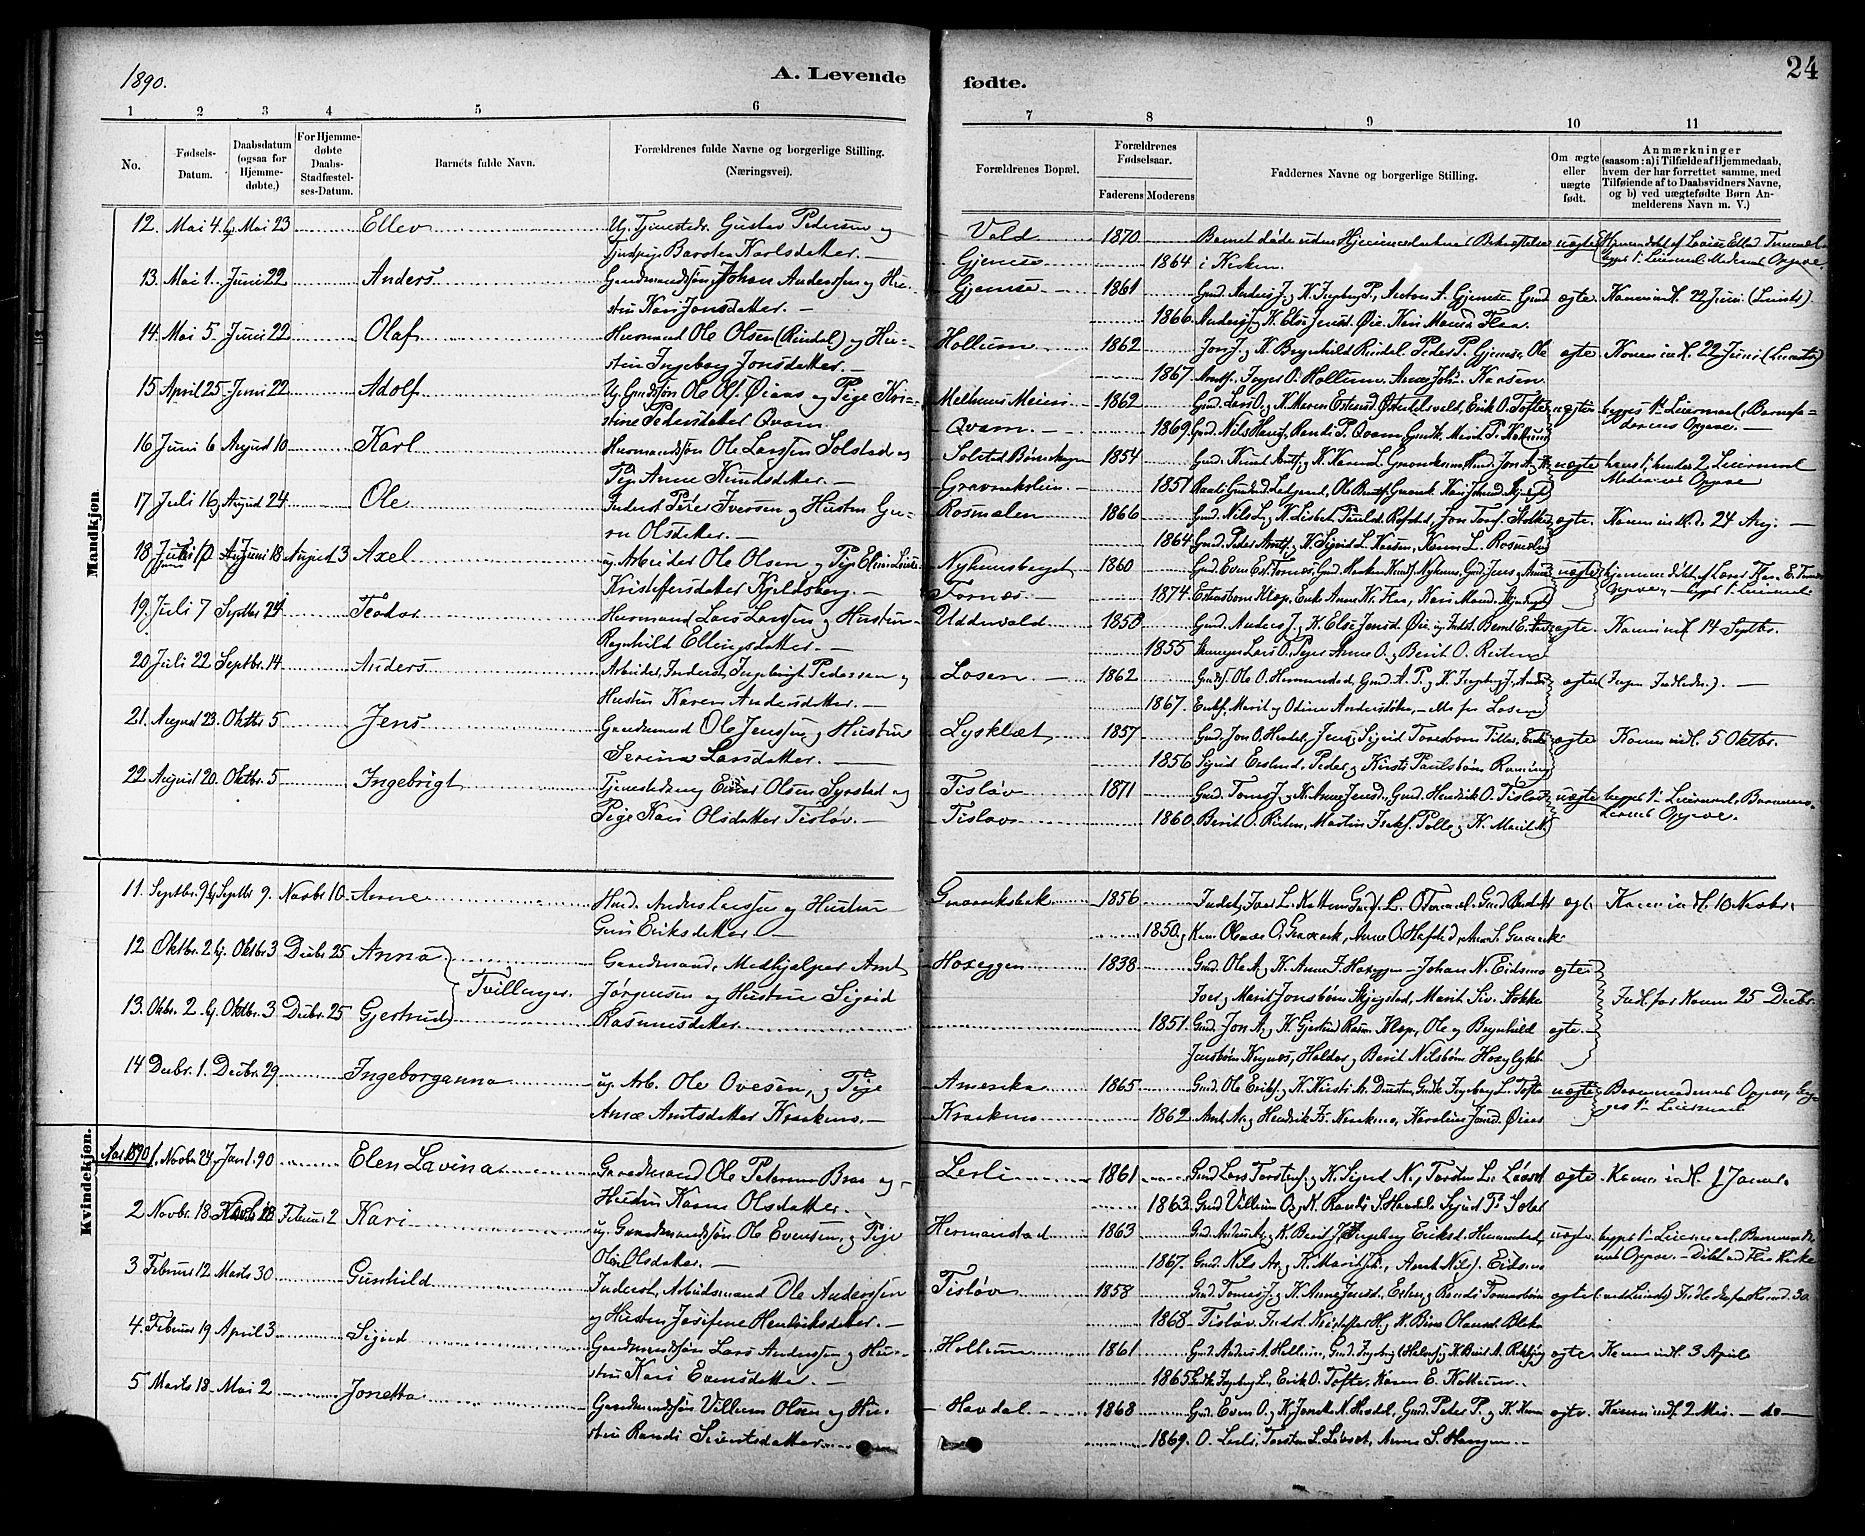 SAT, Ministerialprotokoller, klokkerbøker og fødselsregistre - Sør-Trøndelag, 691/L1094: Klokkerbok nr. 691C05, 1879-1911, s. 24